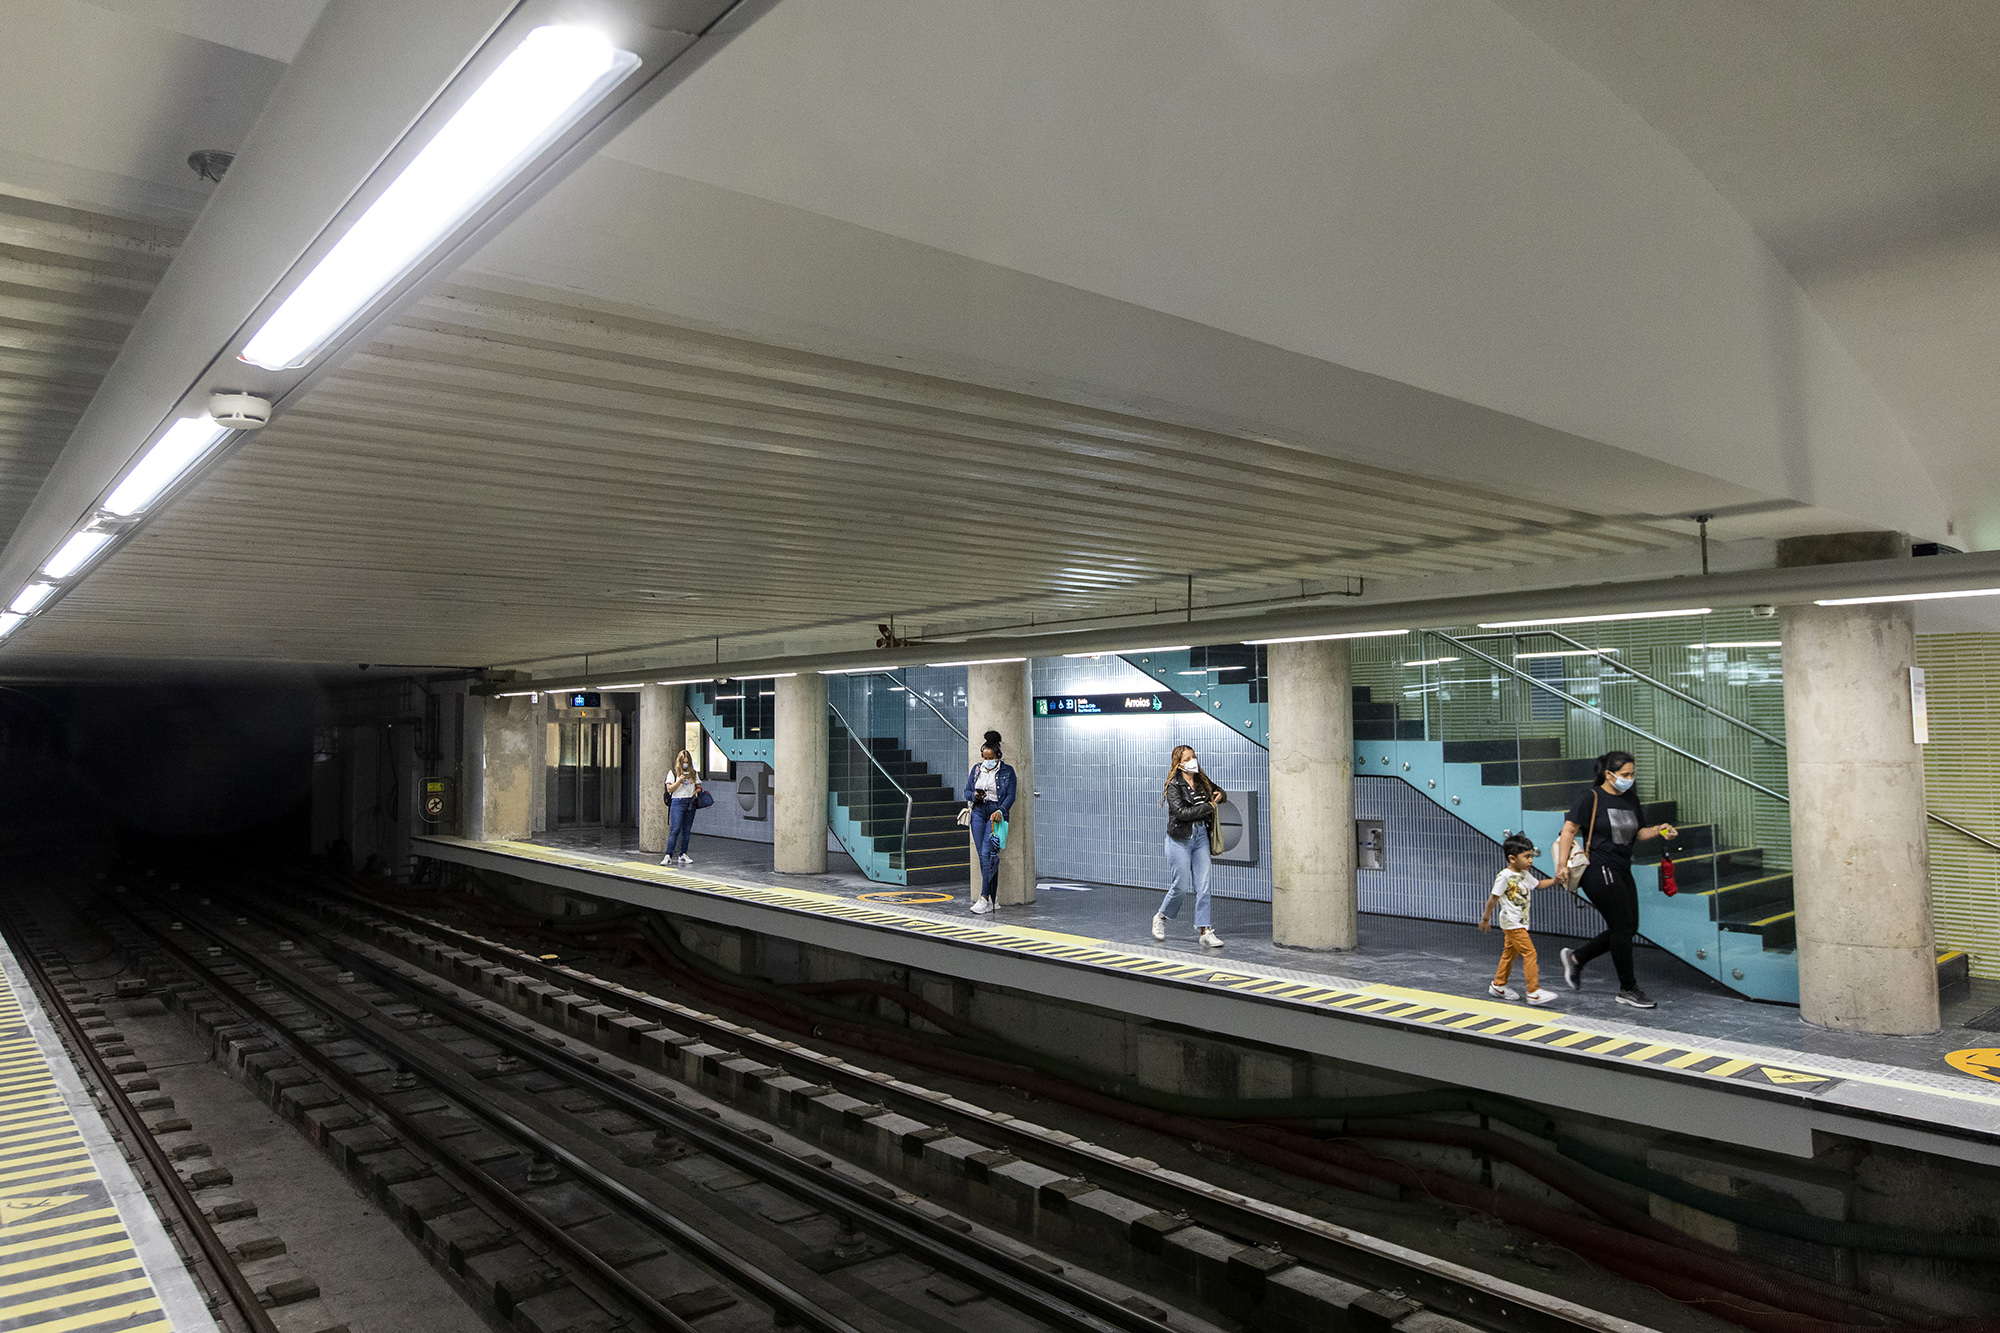 Reabertura da estação de metro de Arroios - 14SET21